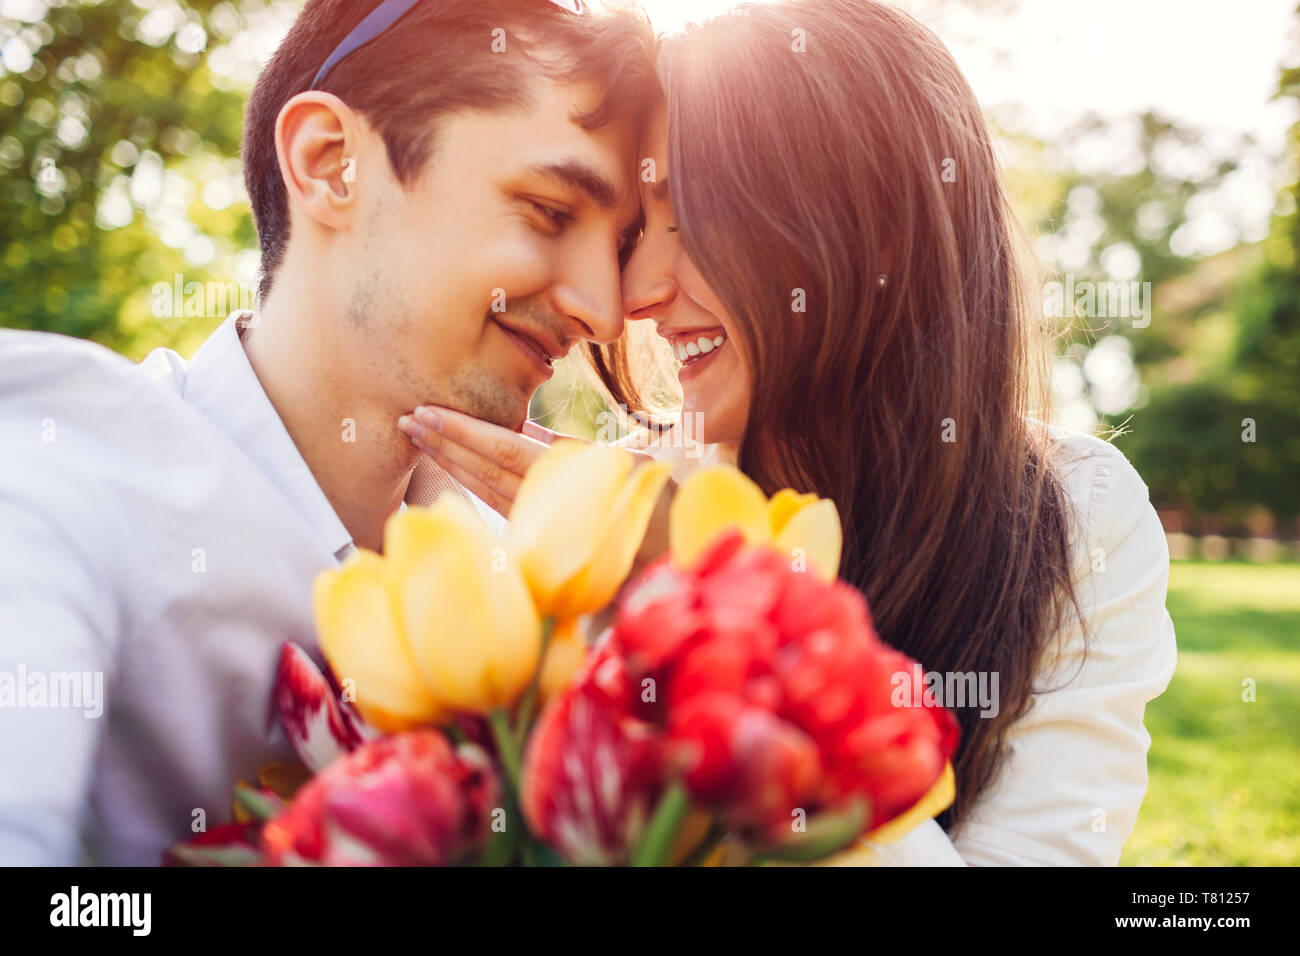 Happy young couple in love hugging avec bouquet de fleurs du printemps à l'extérieur. Homme doué sa petite amie avec des tulipes Banque D'Images